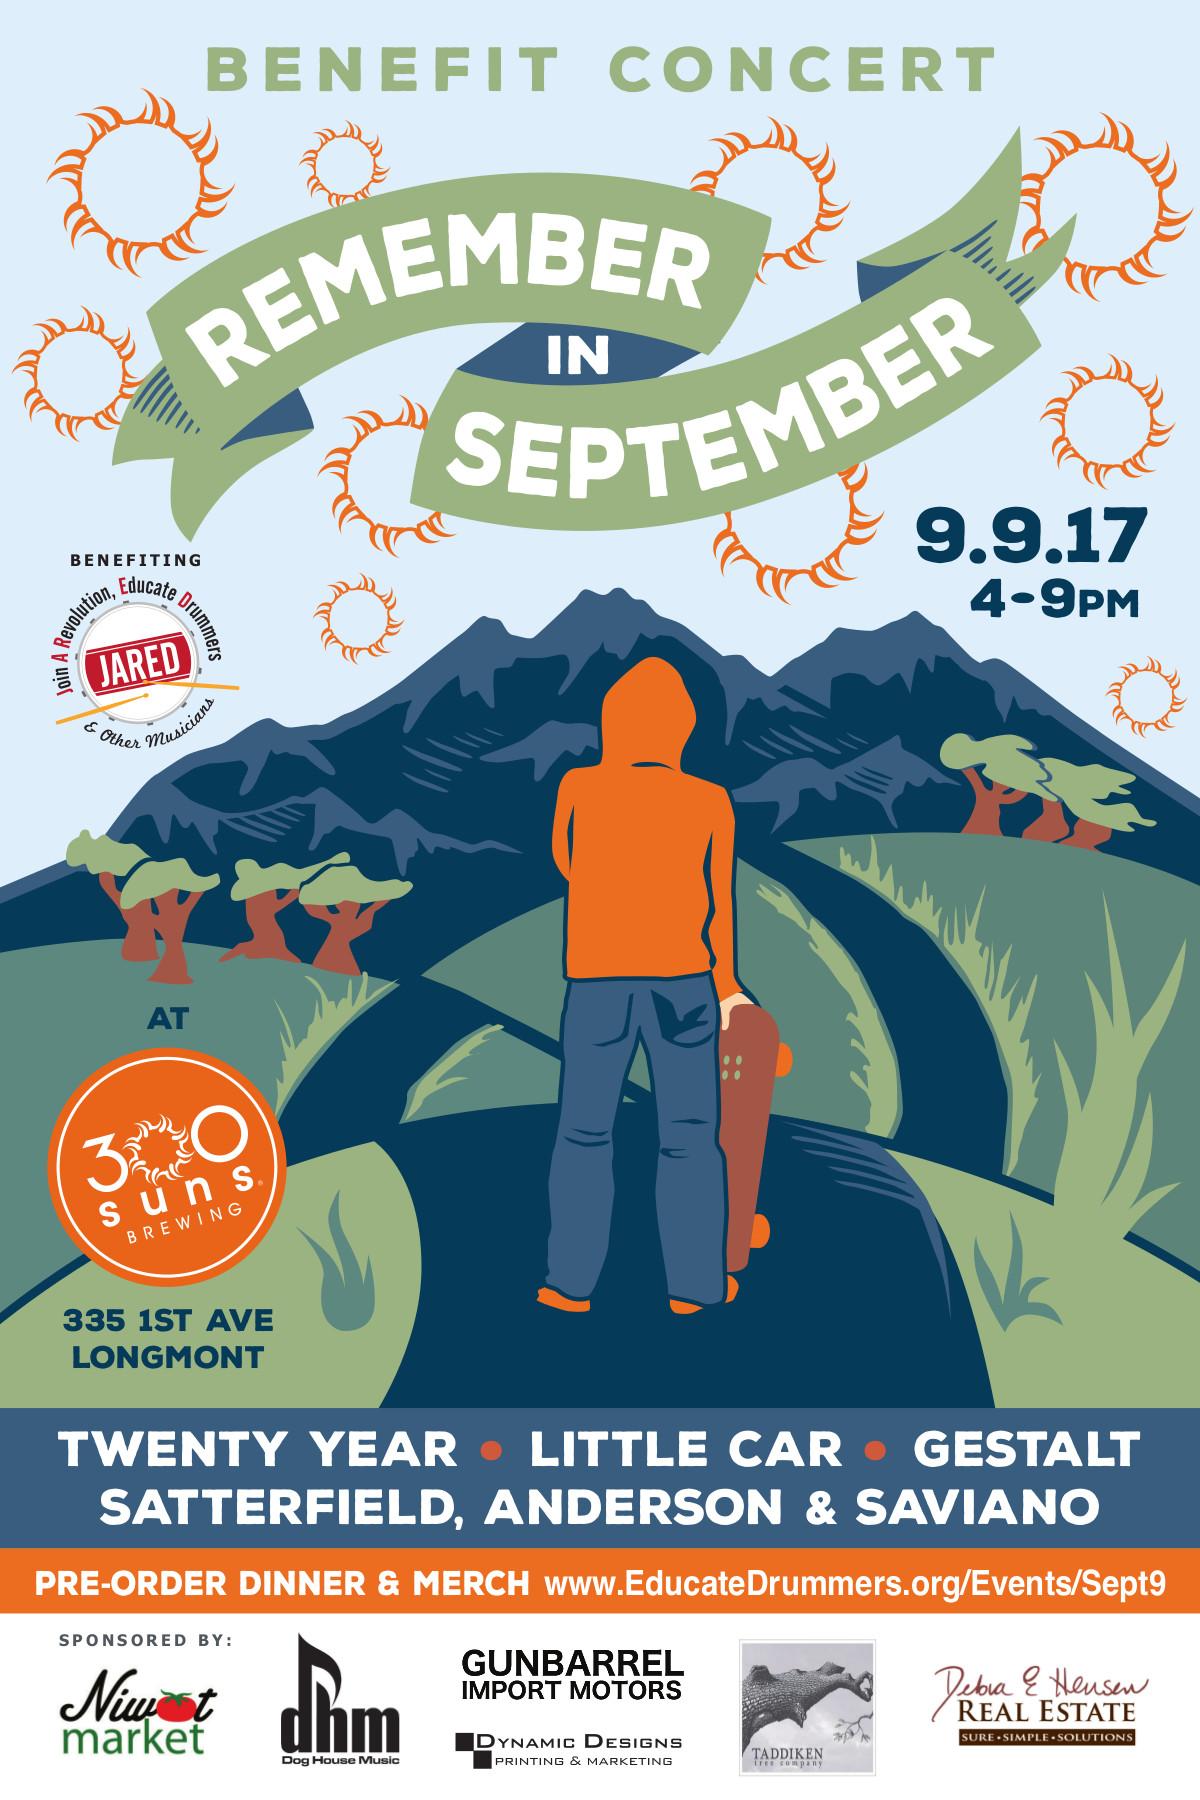 Remember in September Poster final poster.jpg